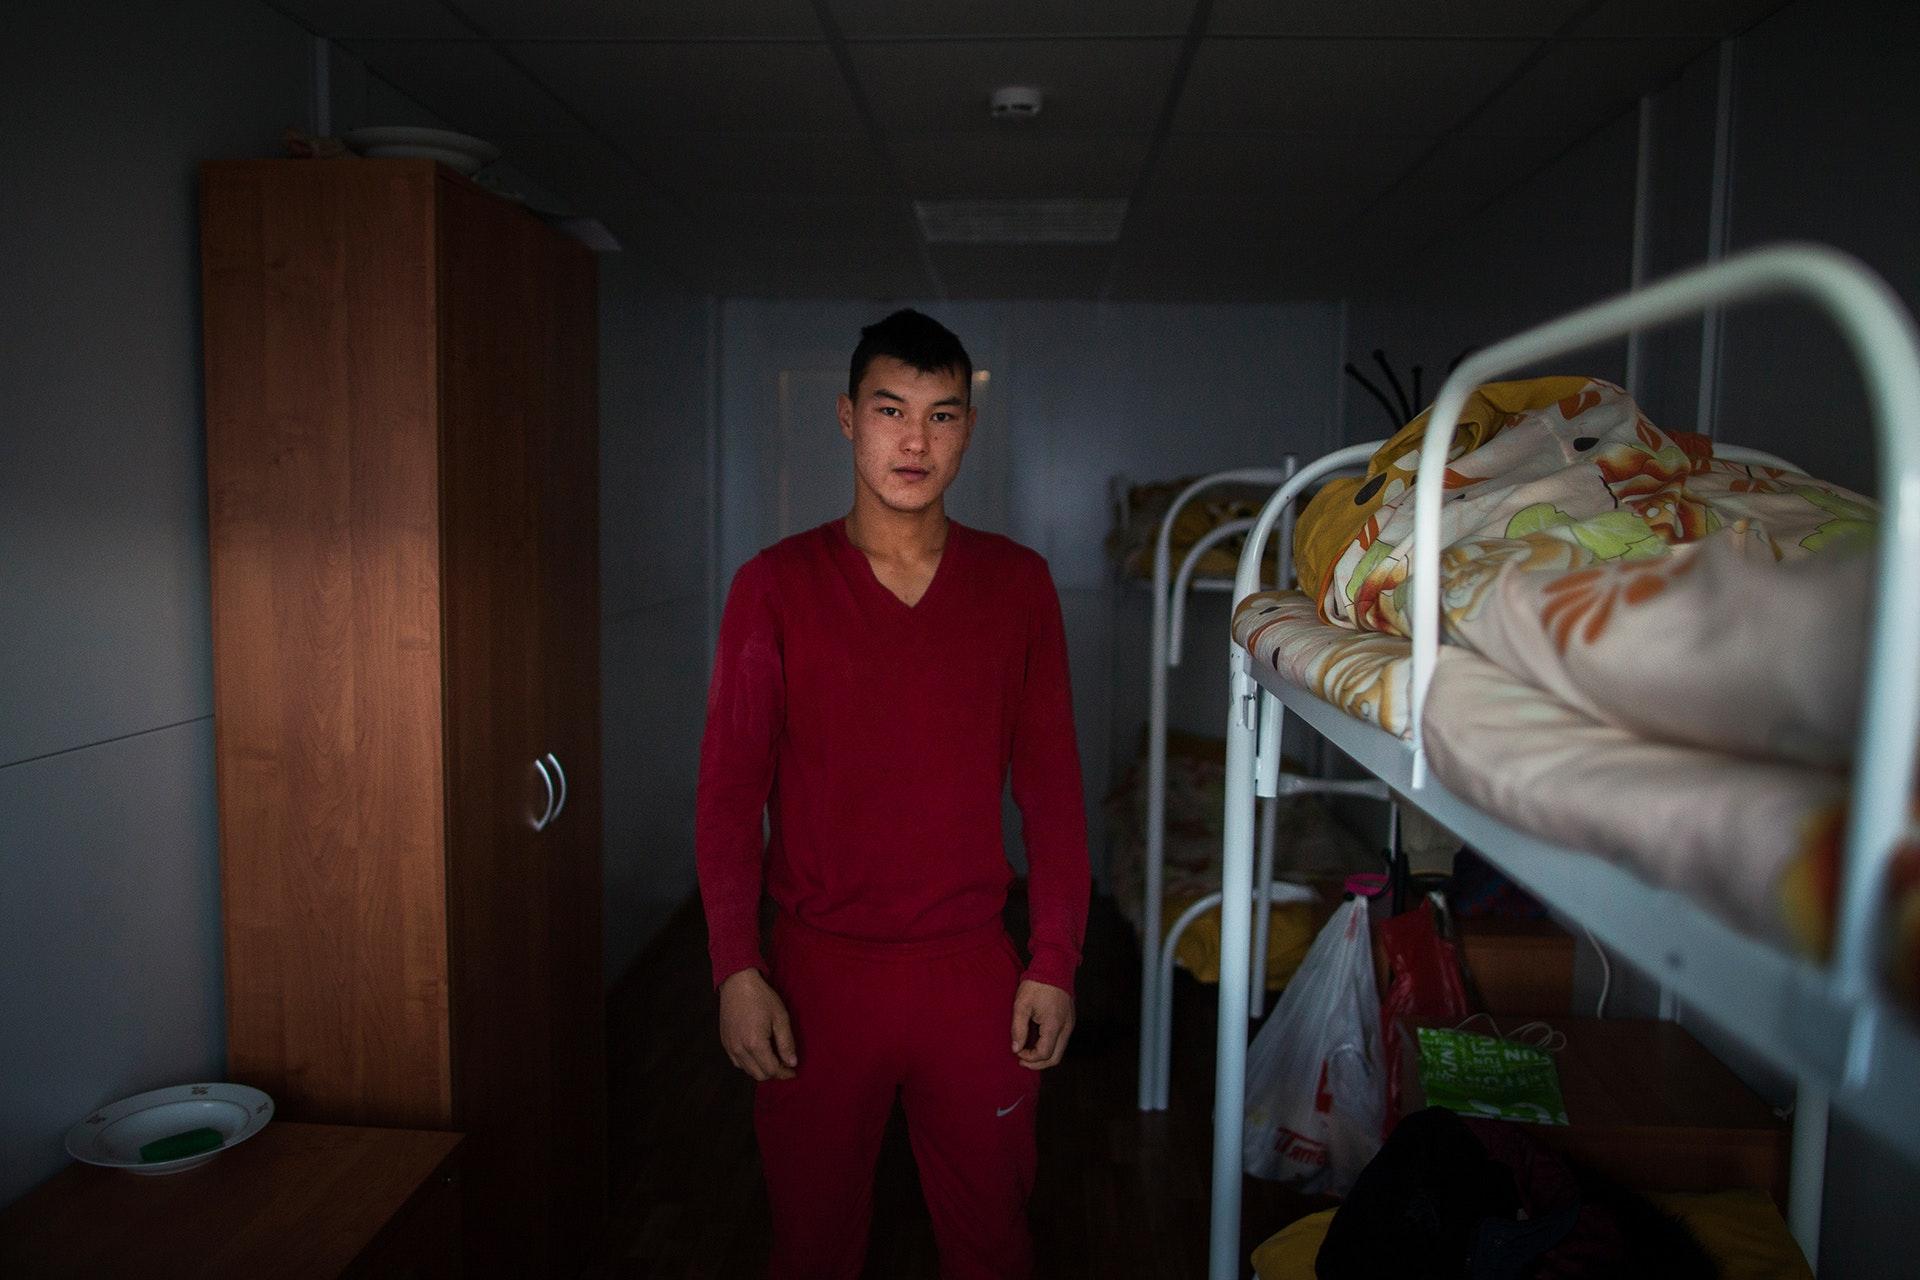 volkov_deportation_06